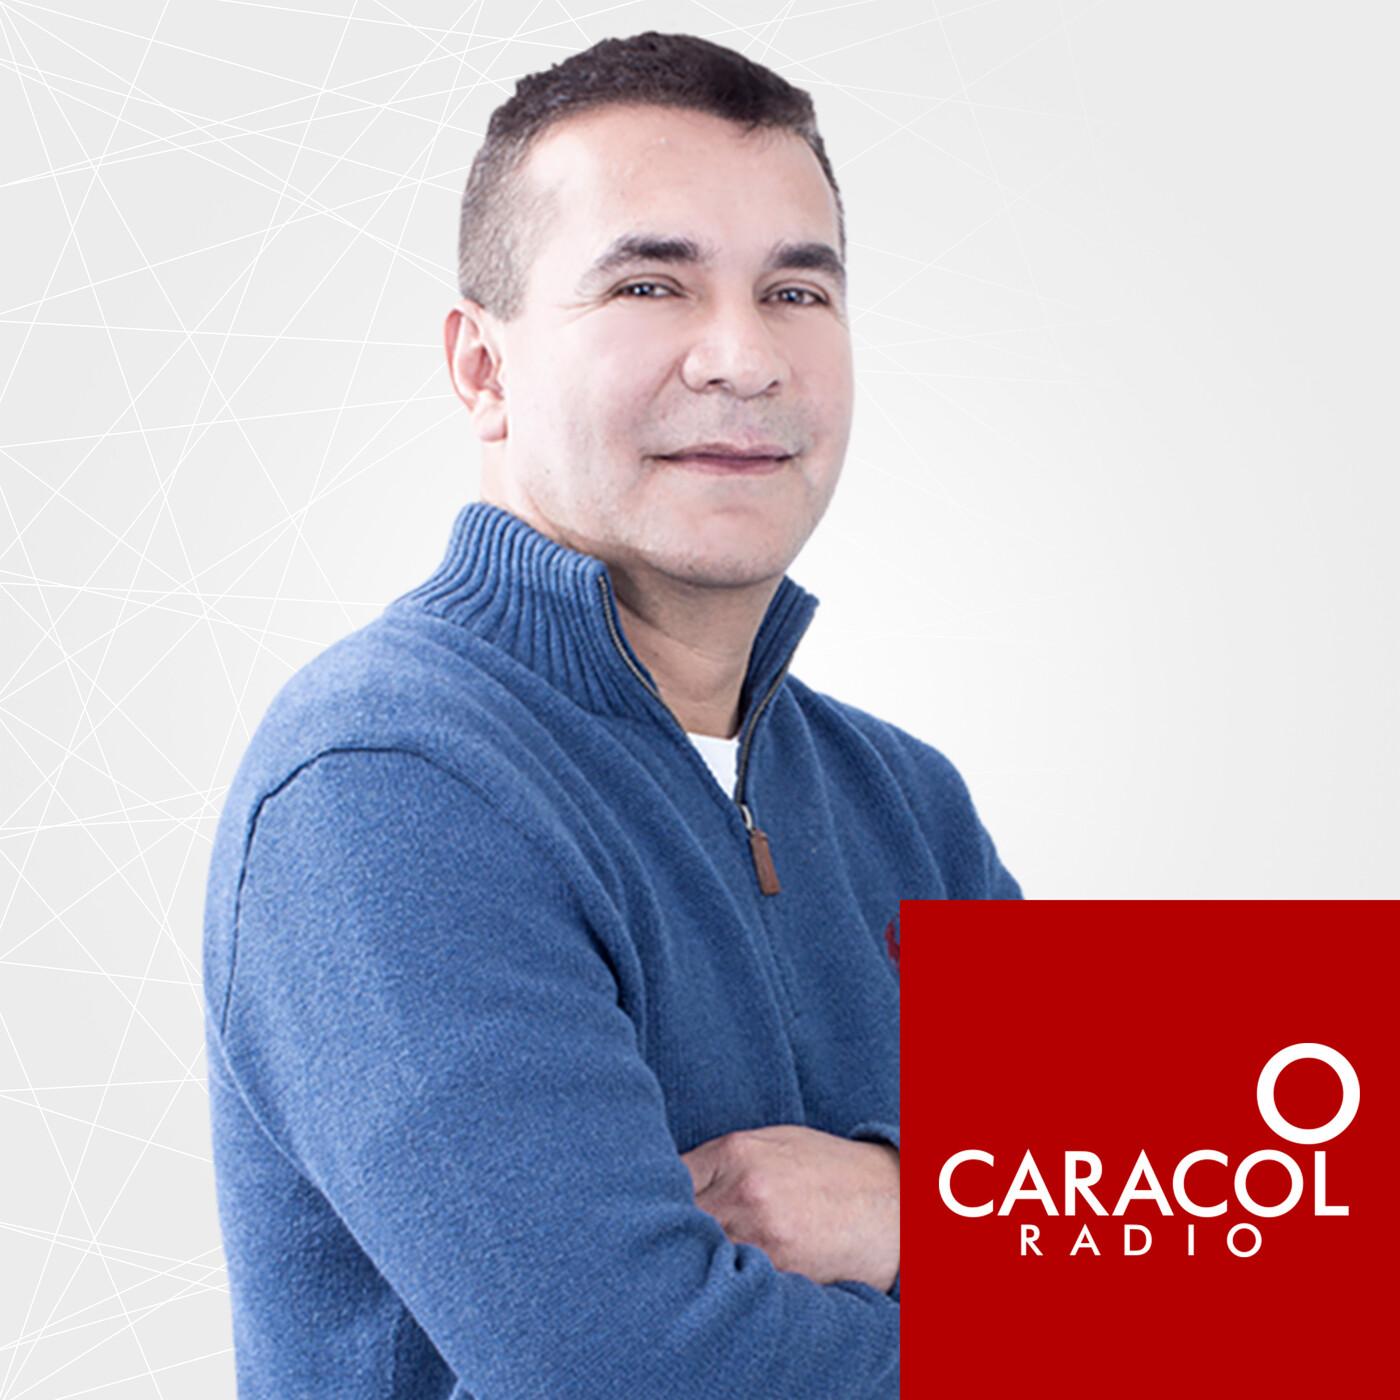 VBar Caracol (19/10/2020 - Tramo de 15:00 a 16:00)